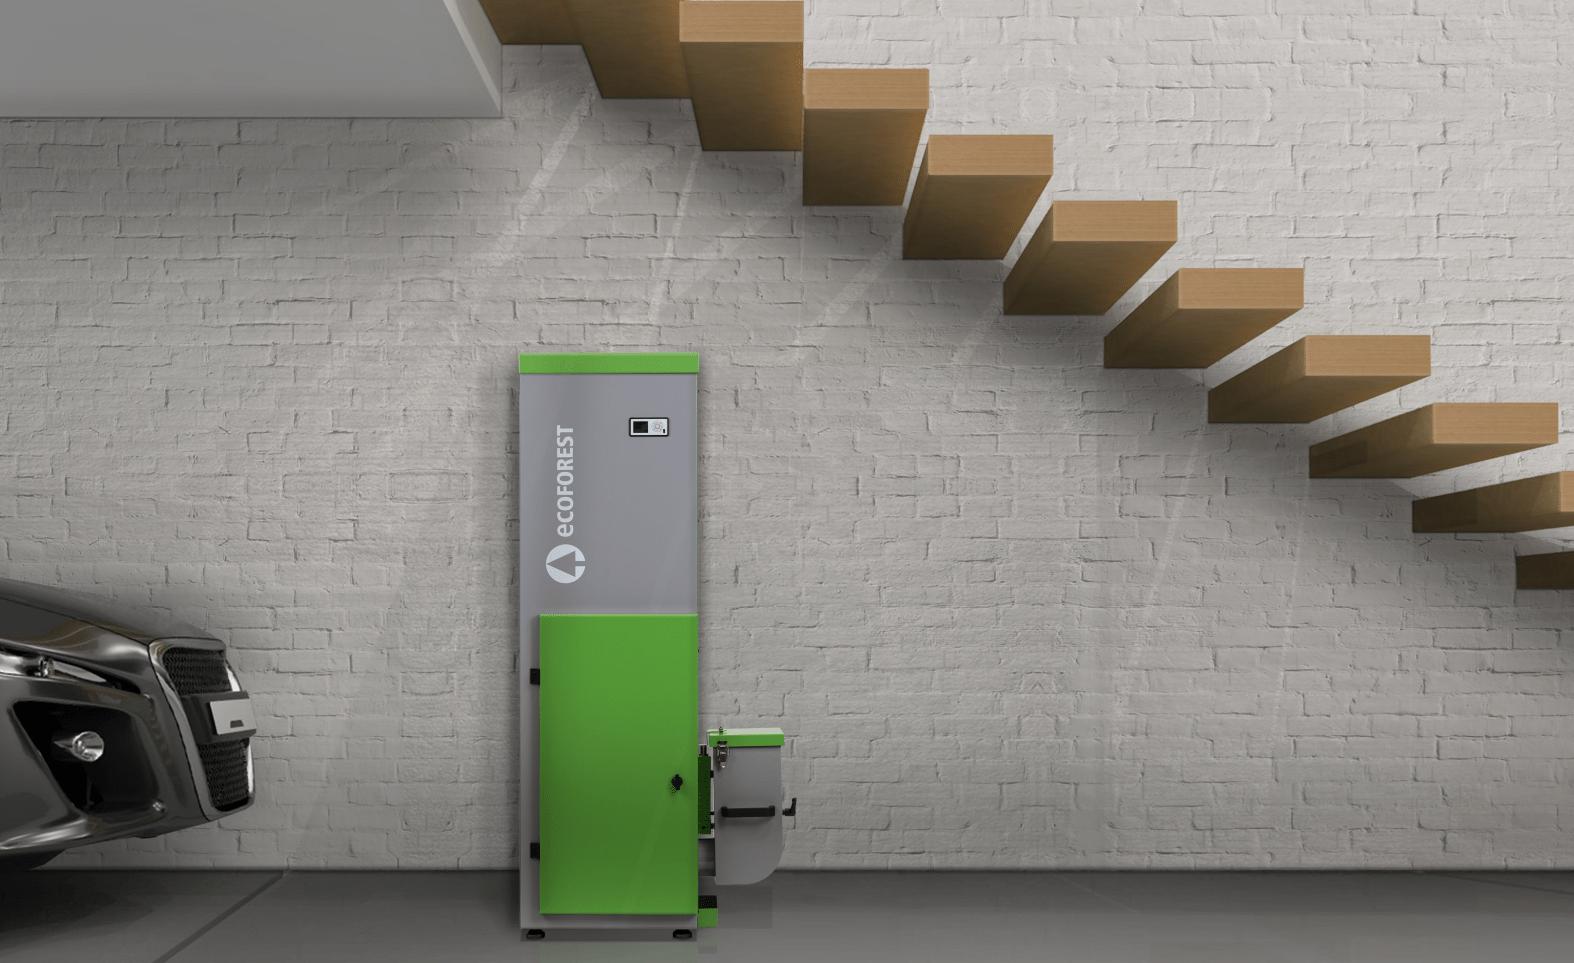 VAP 5-20 kW de Ecoforest